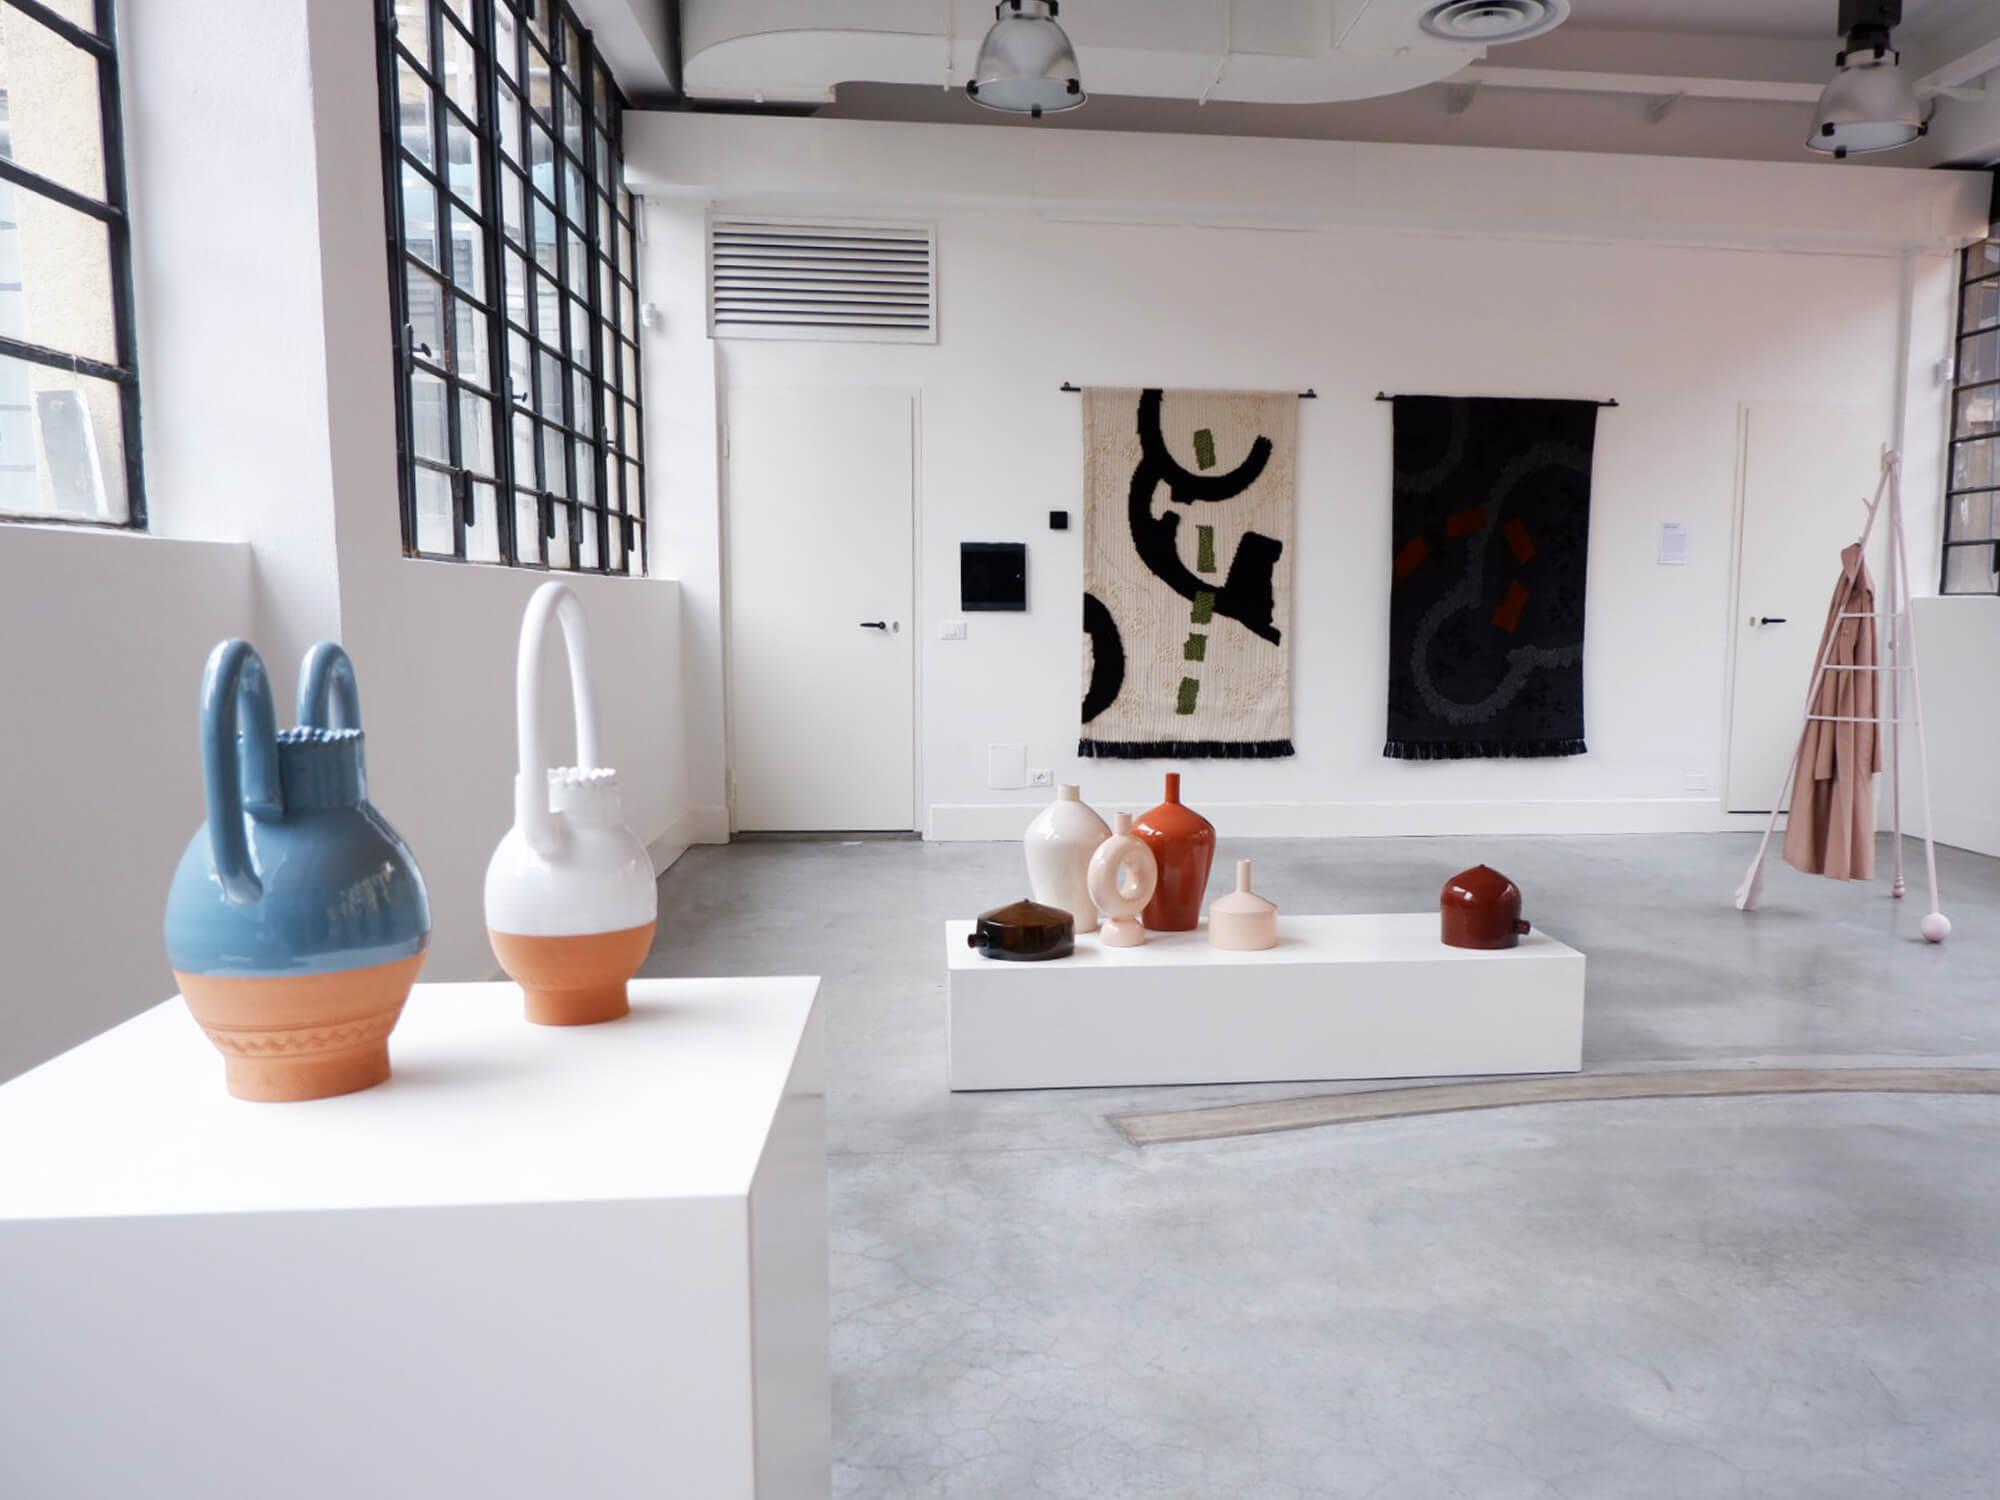 pretziada 1 Fuorisalone 2019: La rivincita dell'artigianato